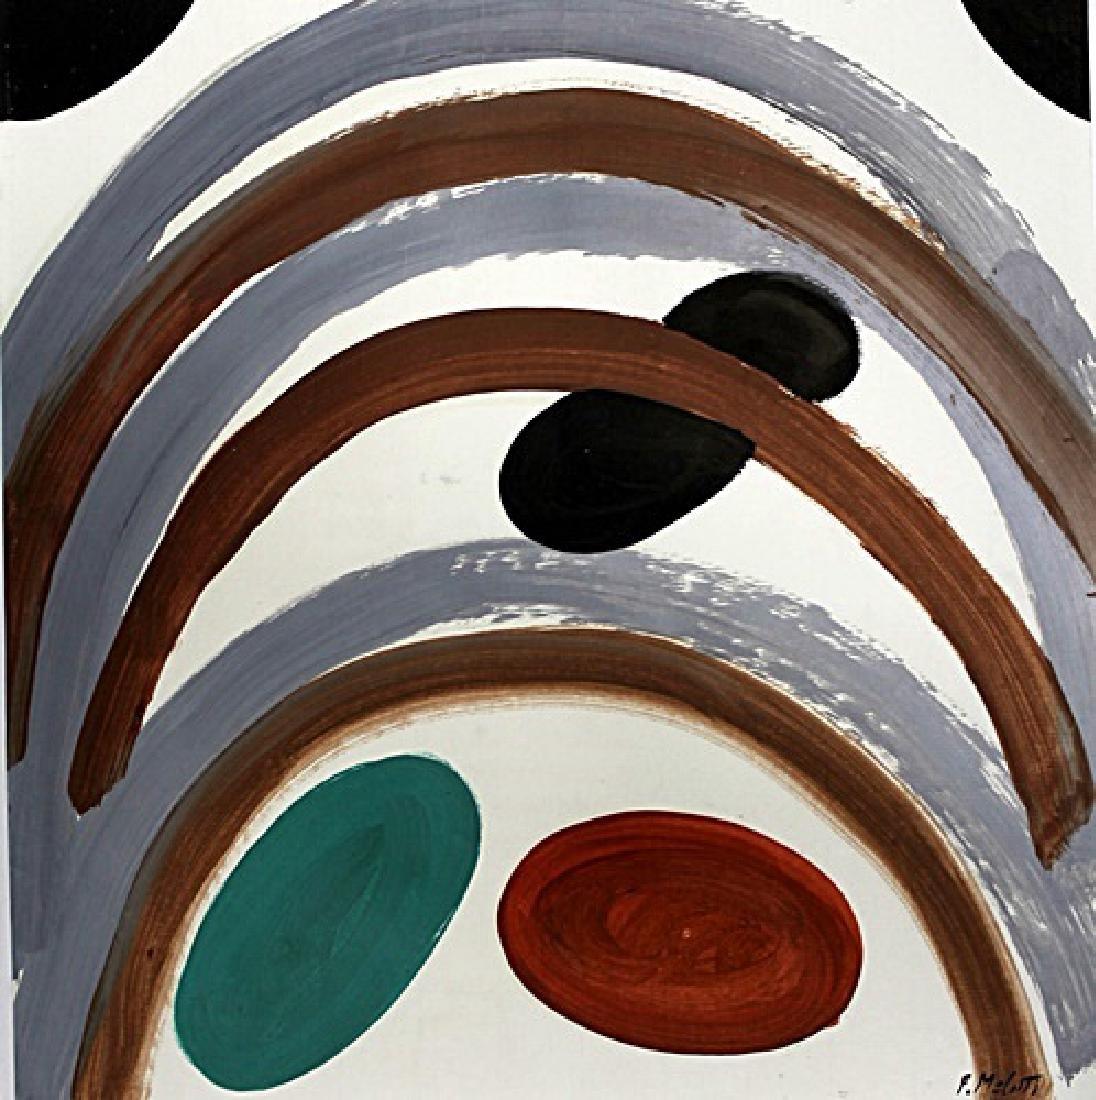 The Rocks - Fausto Melotti - Oil On Paper